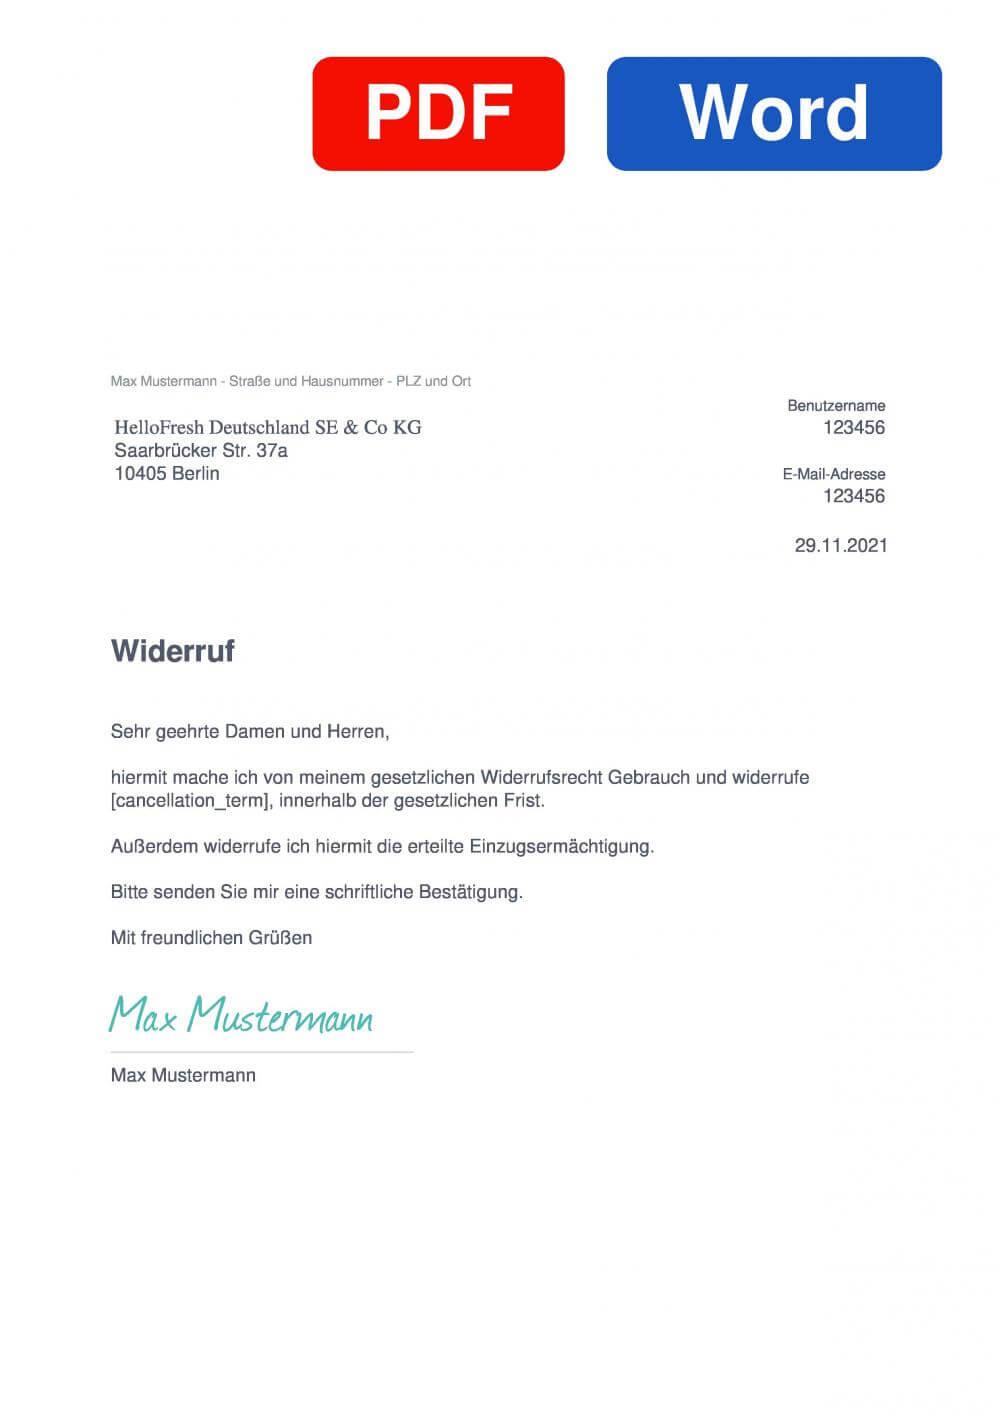 HelloFresh Muster Vorlage für Wiederrufsschreiben